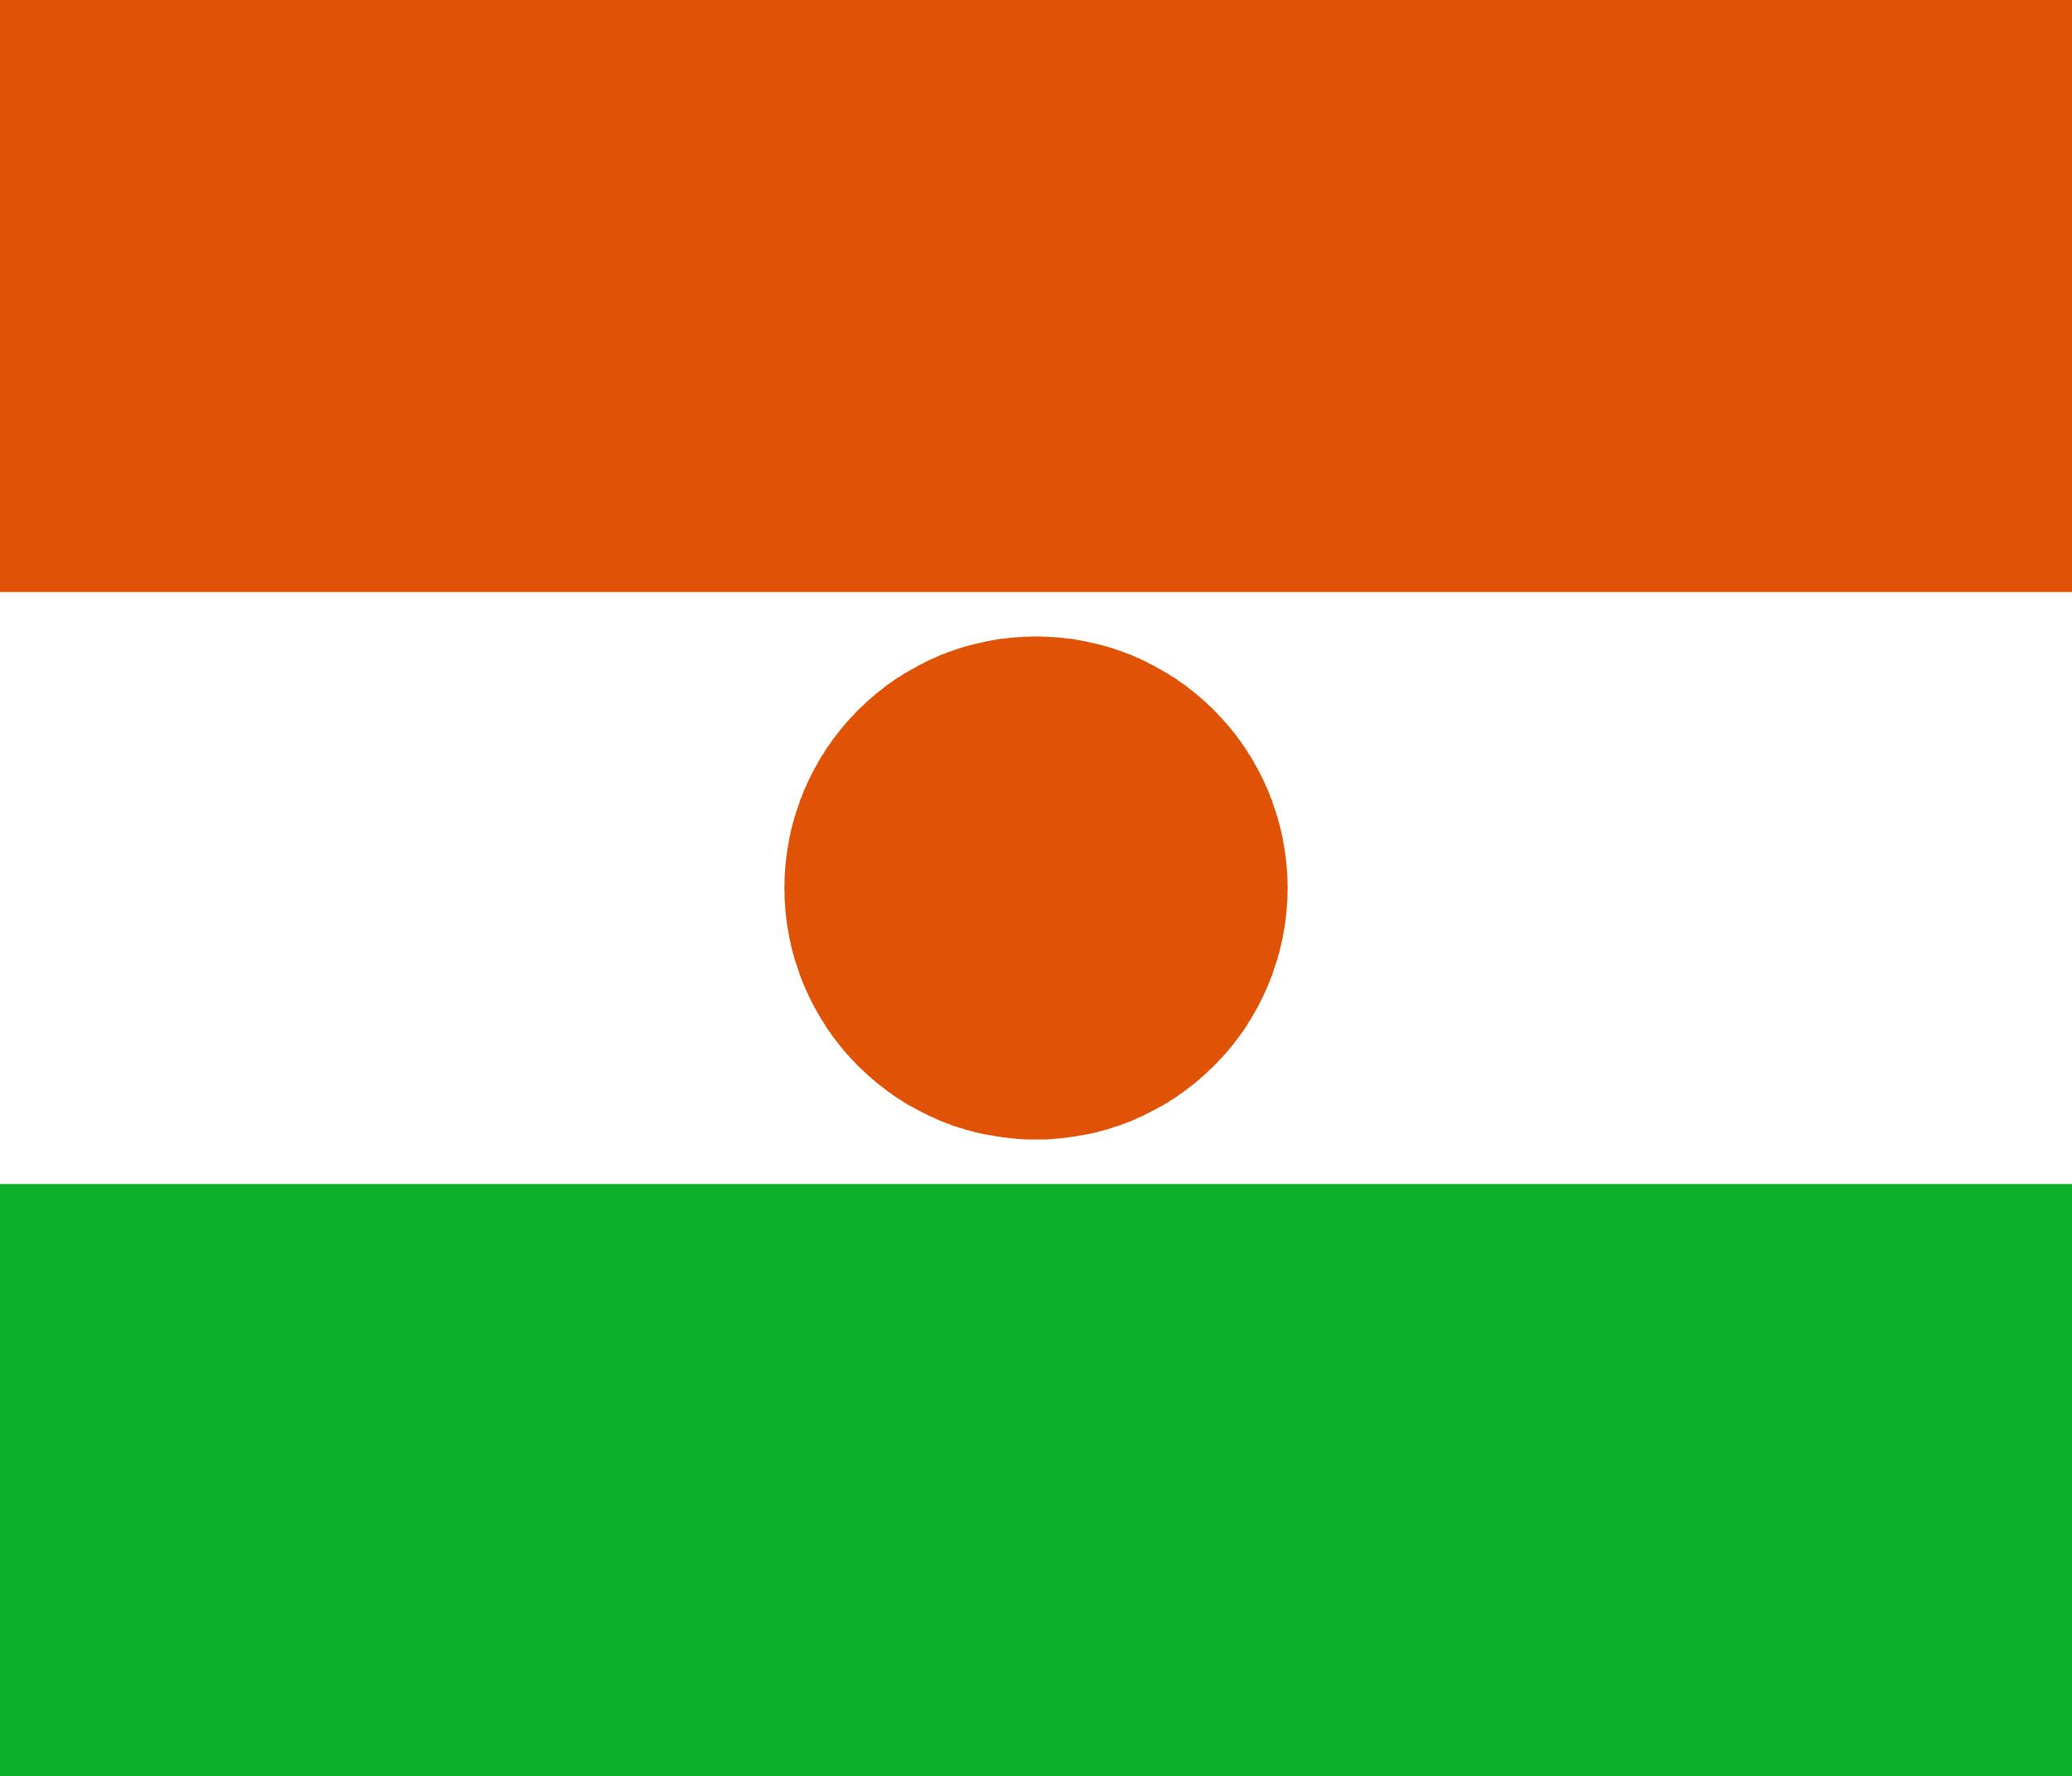 Nijer'in Başkenti ve Para Birimi Nedir? Nijer'in Bayrağı Nasıldır?